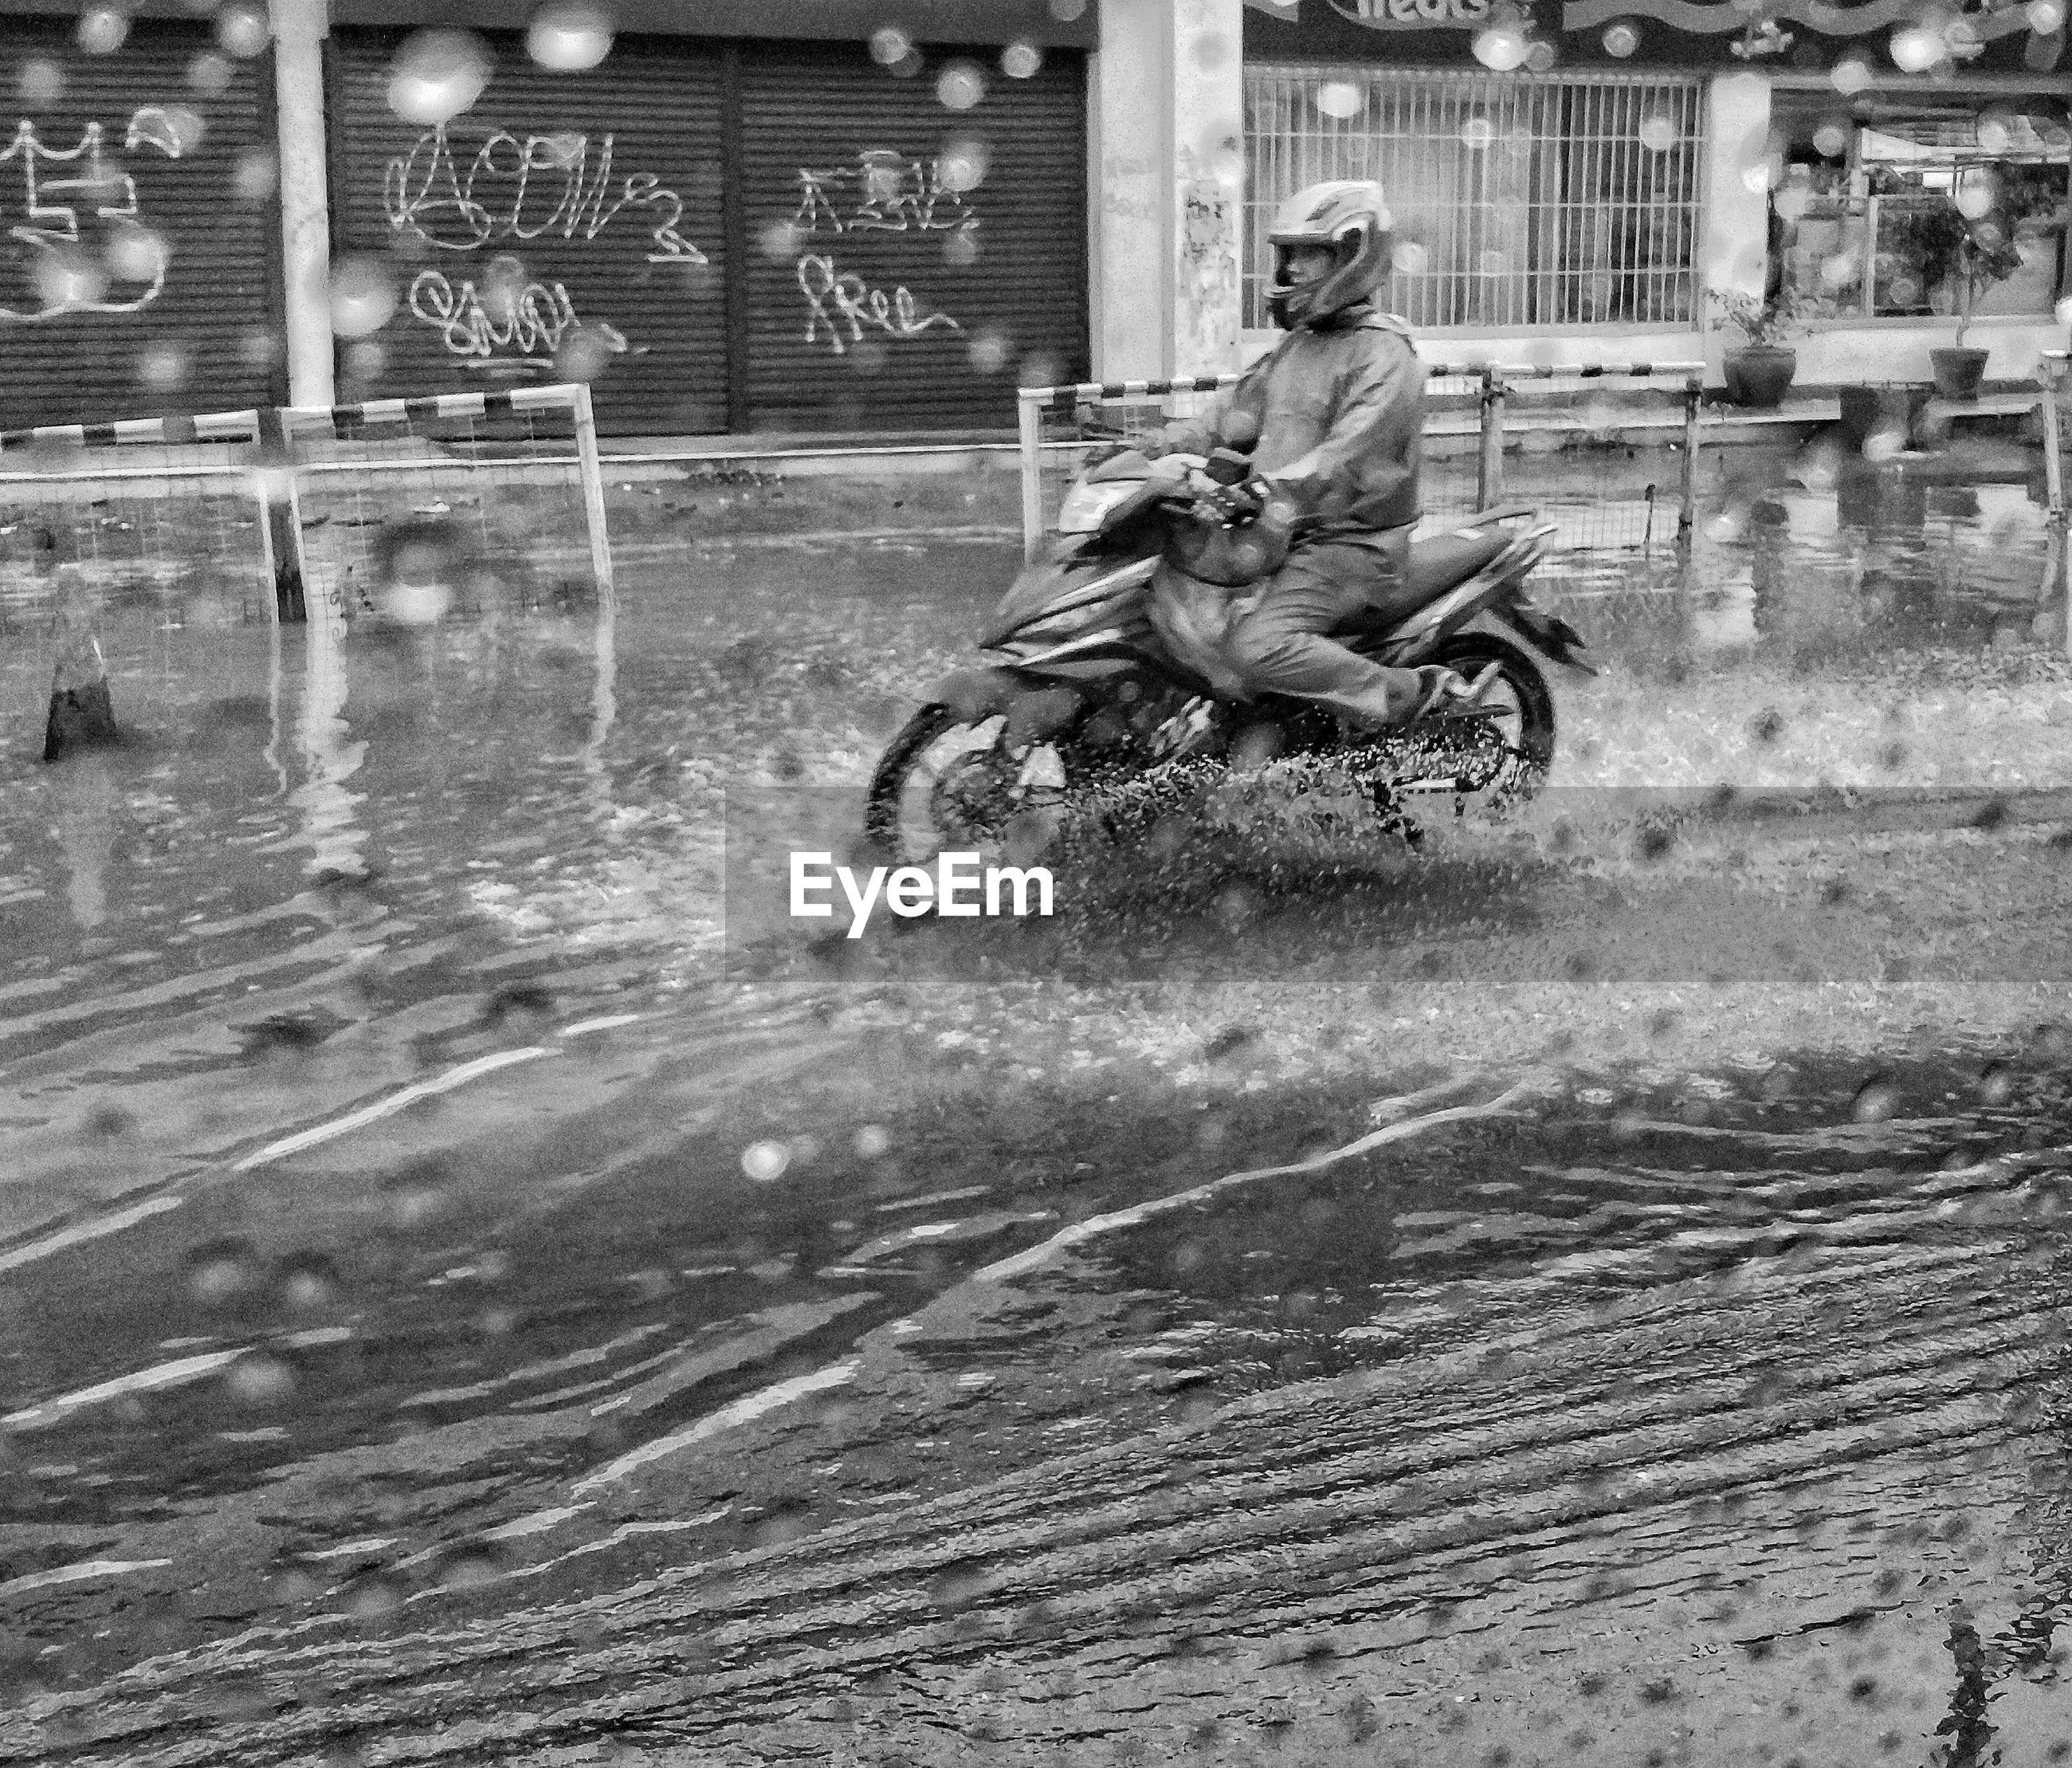 Rainy season starts